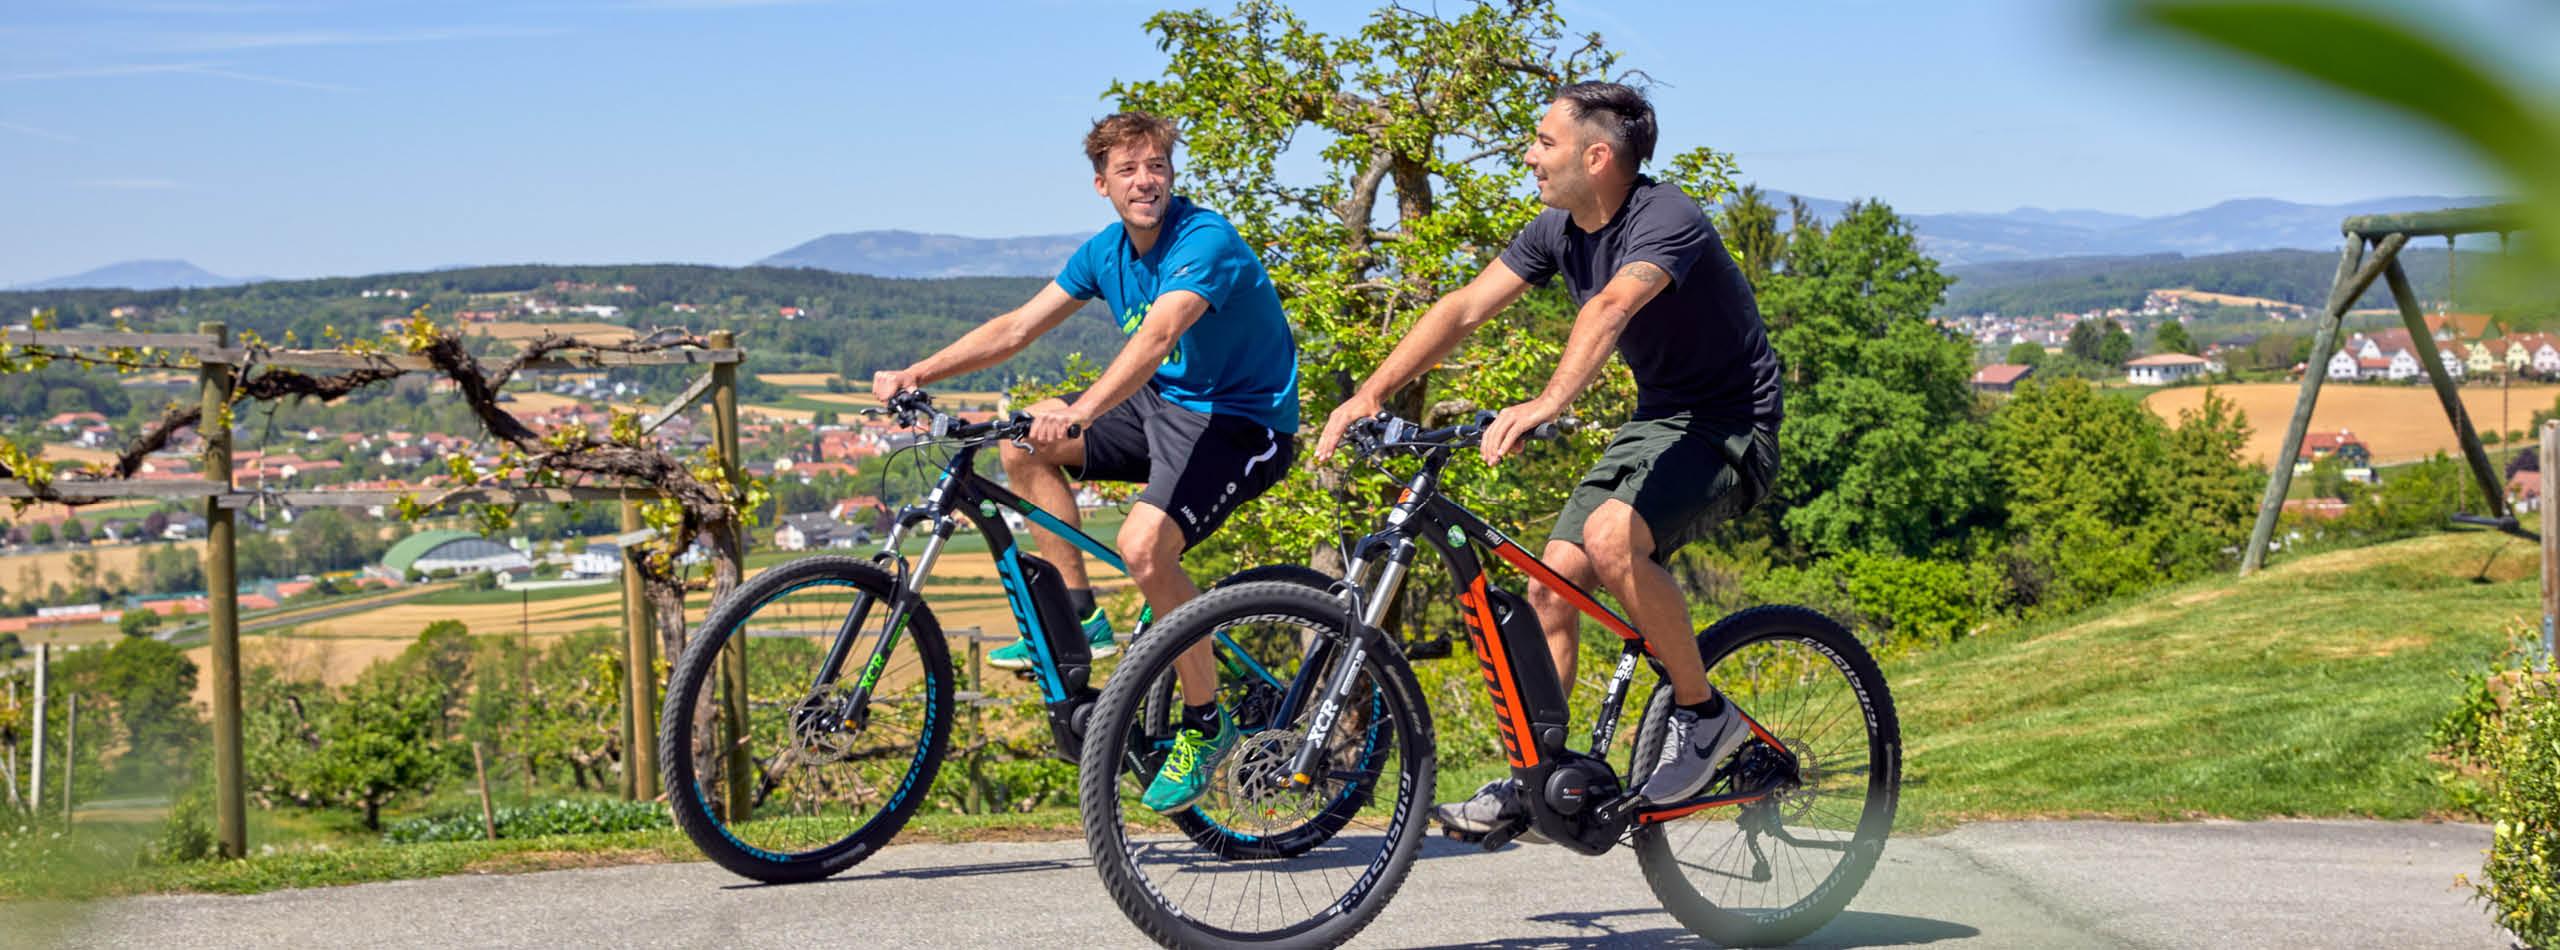 Cycling holidays in Styria at the Ayurveda Resort Mandira